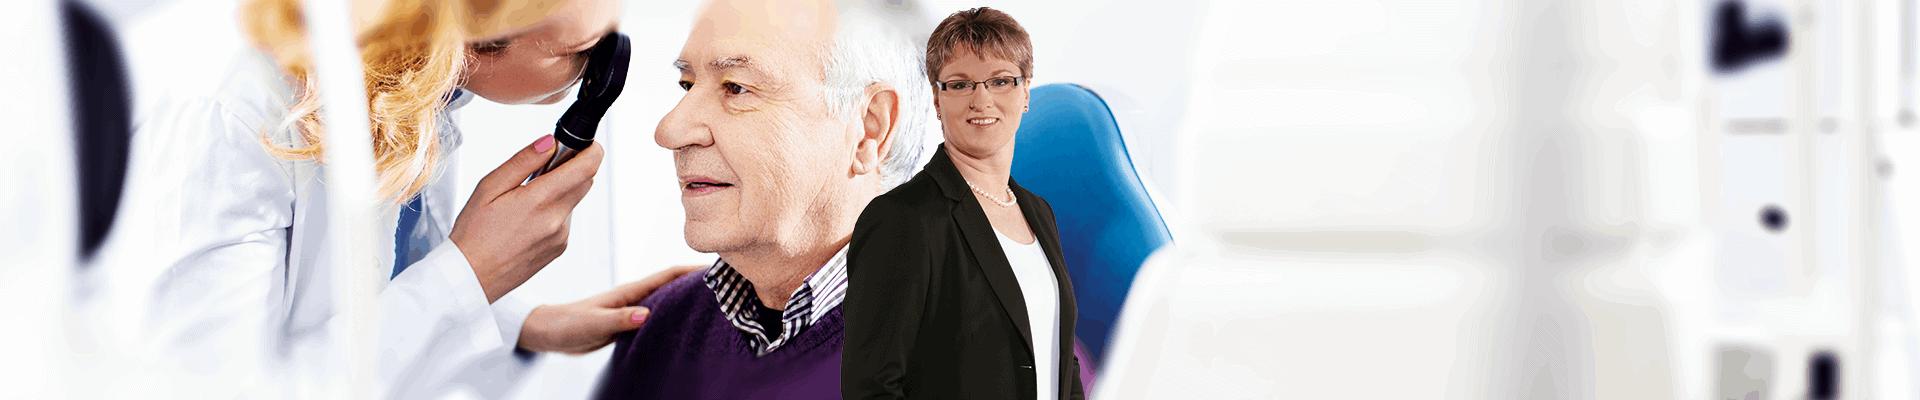 Sabine Banse-Funke Finanzbuchhaltung Göttingen